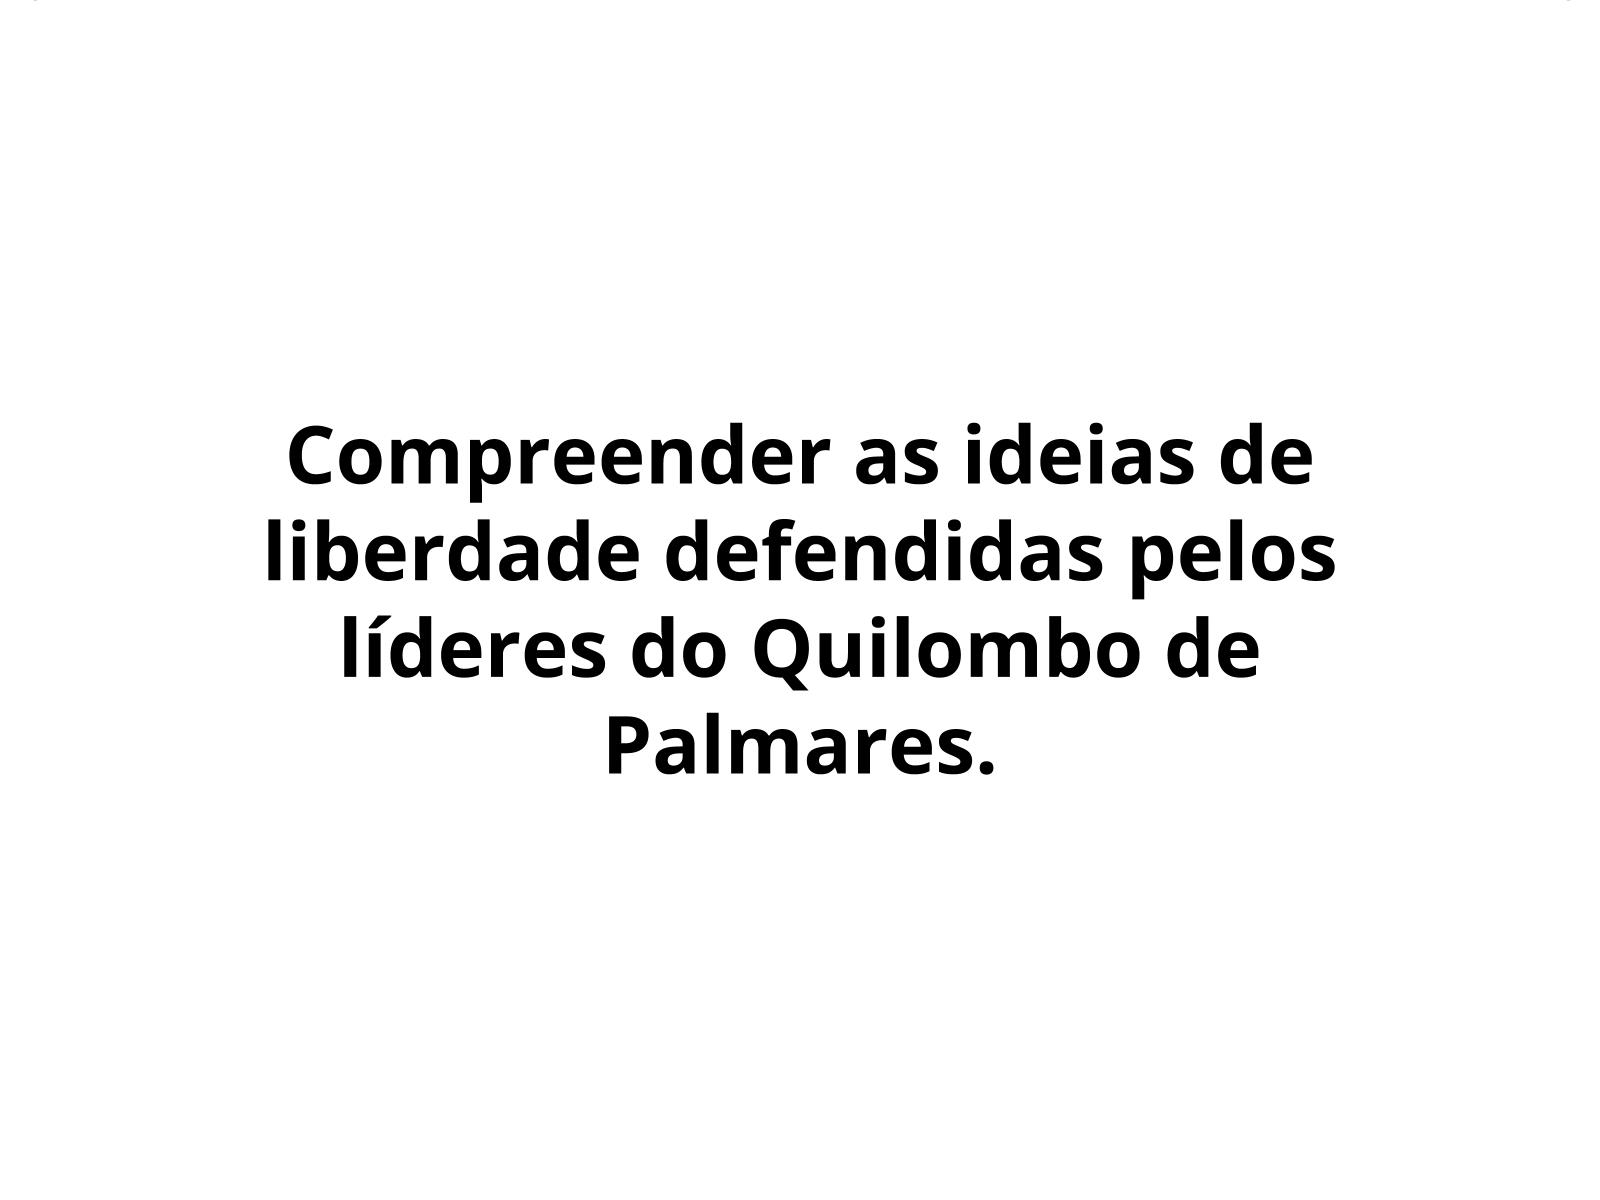 A organização do Quilombo dos Palmares e as noções de resistência de seus líderes Ganga Zumba e Zumbi